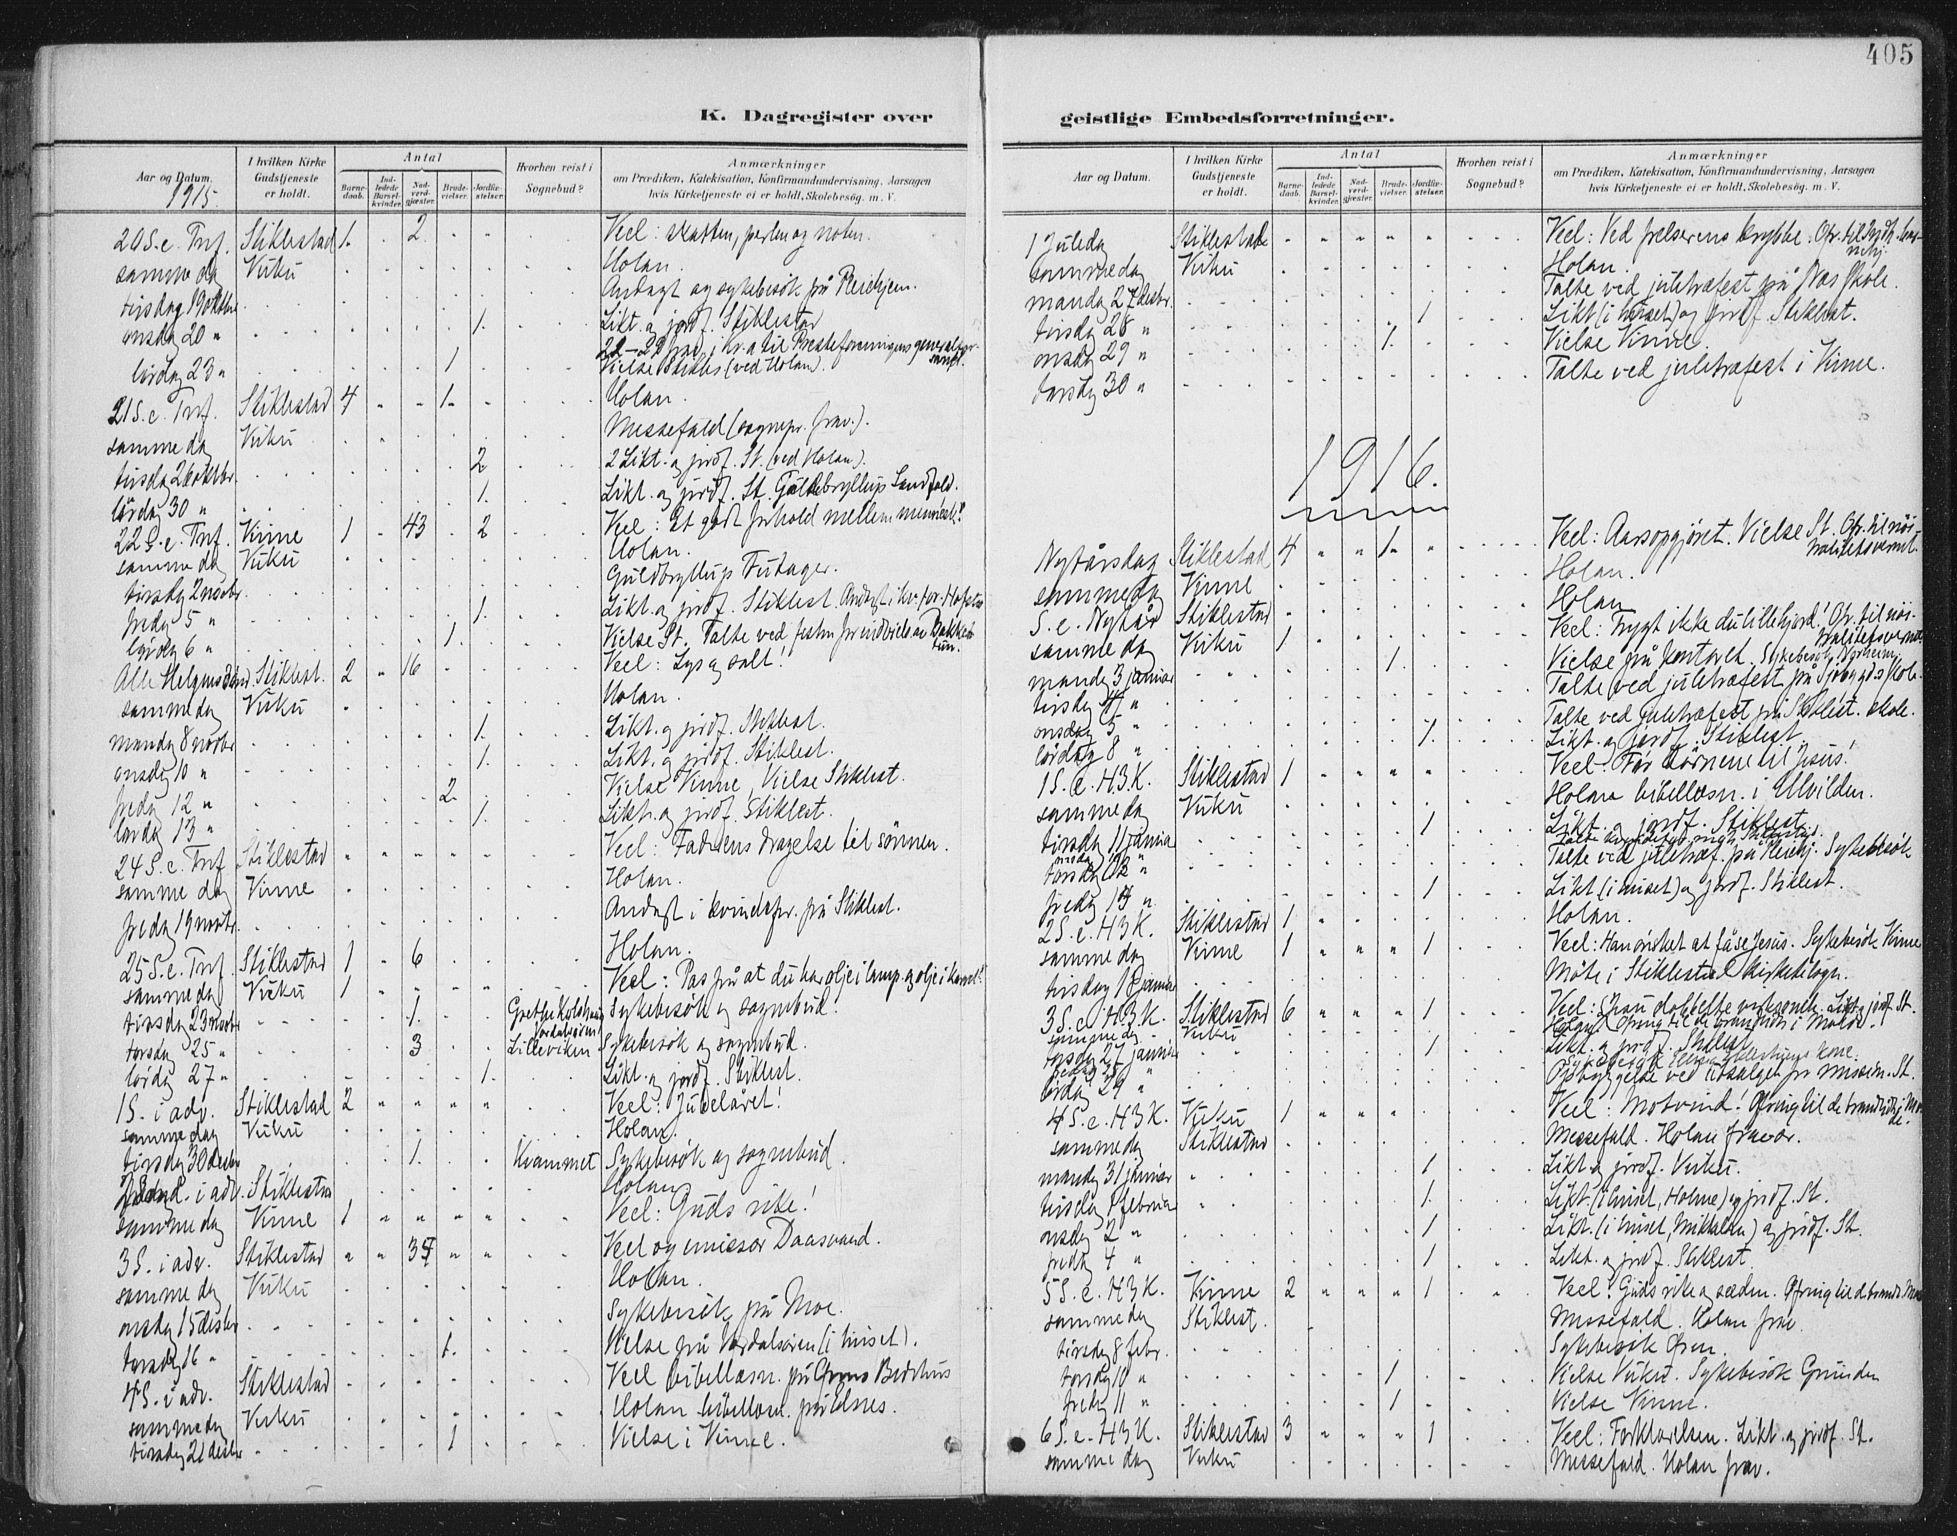 SAT, Ministerialprotokoller, klokkerbøker og fødselsregistre - Nord-Trøndelag, 723/L0246: Ministerialbok nr. 723A15, 1900-1917, s. 405